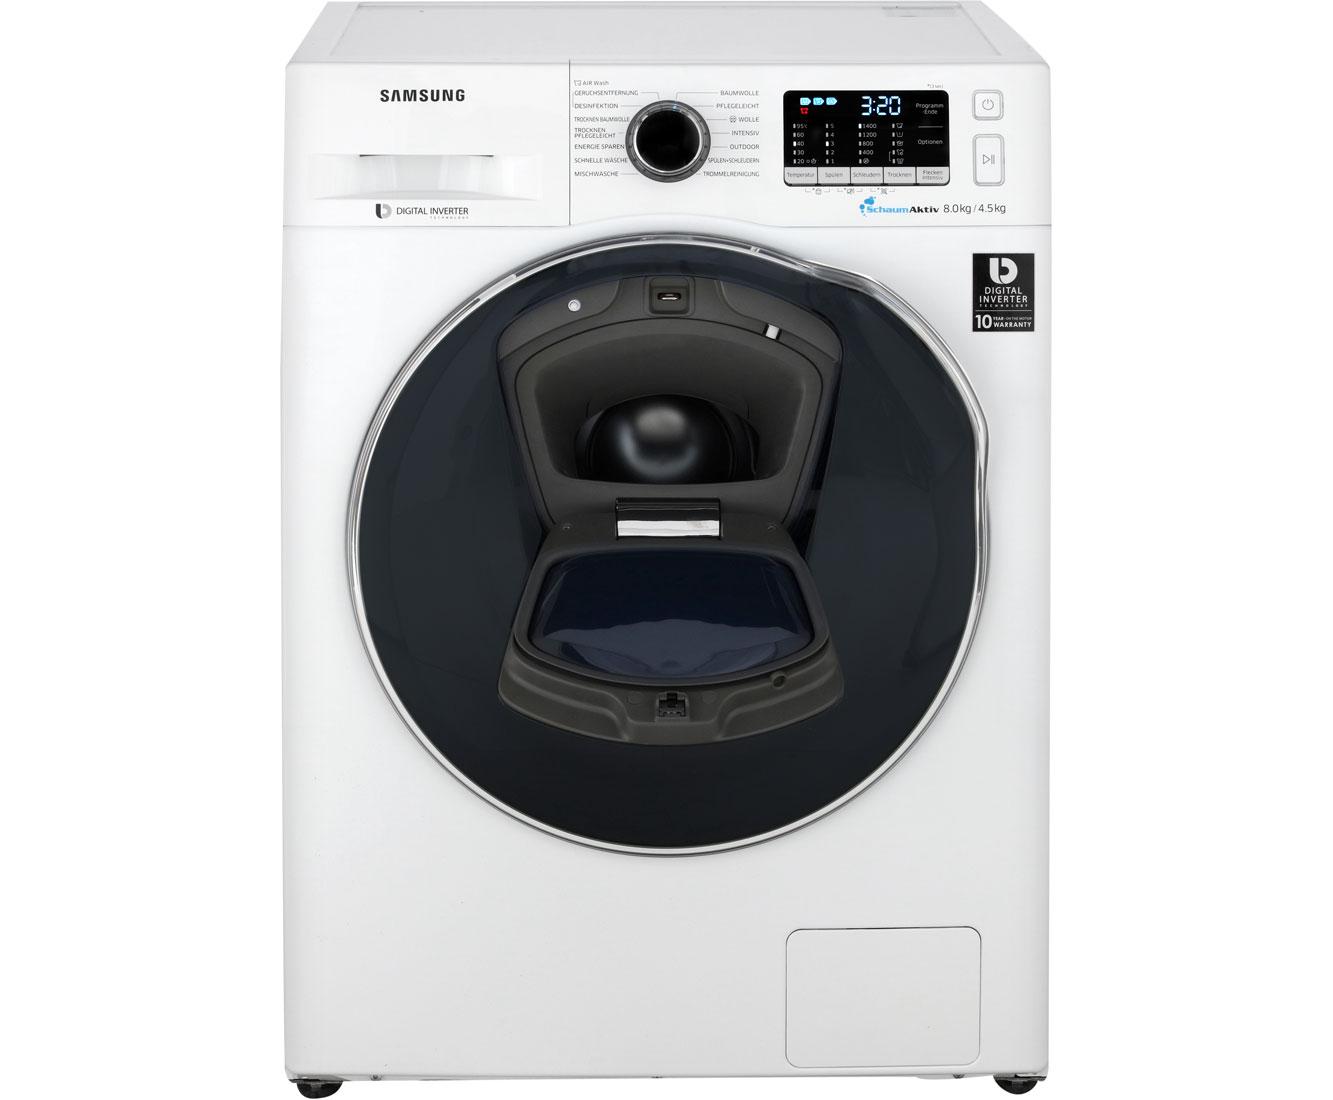 Samsung wd81k5a00ow eg waschtrockner 8 kg waschen 4.5 kg